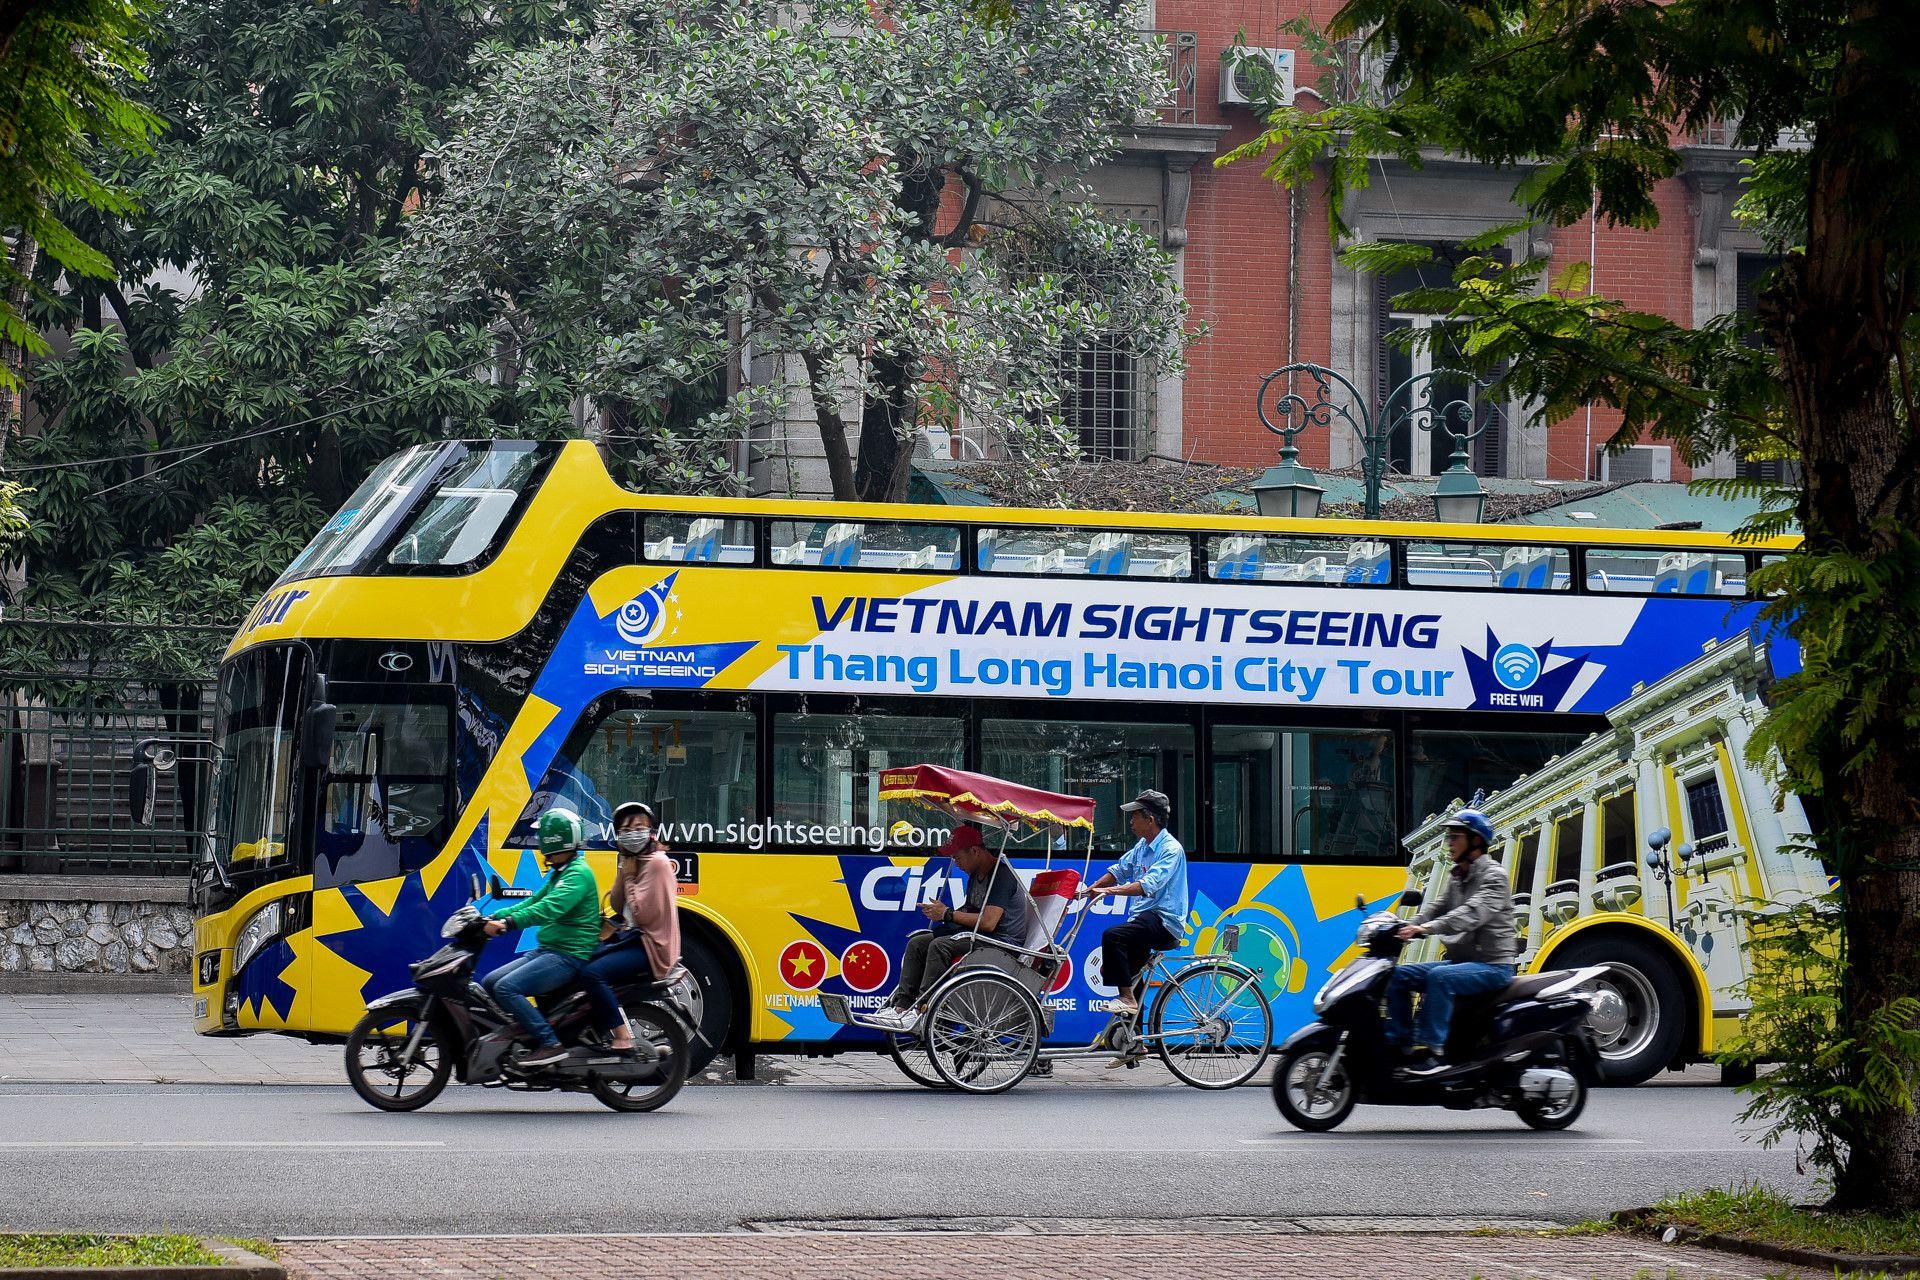 Xe buýt 2 tầng màu mới xuất hiện trên đường Hà Nội Ảnh 1